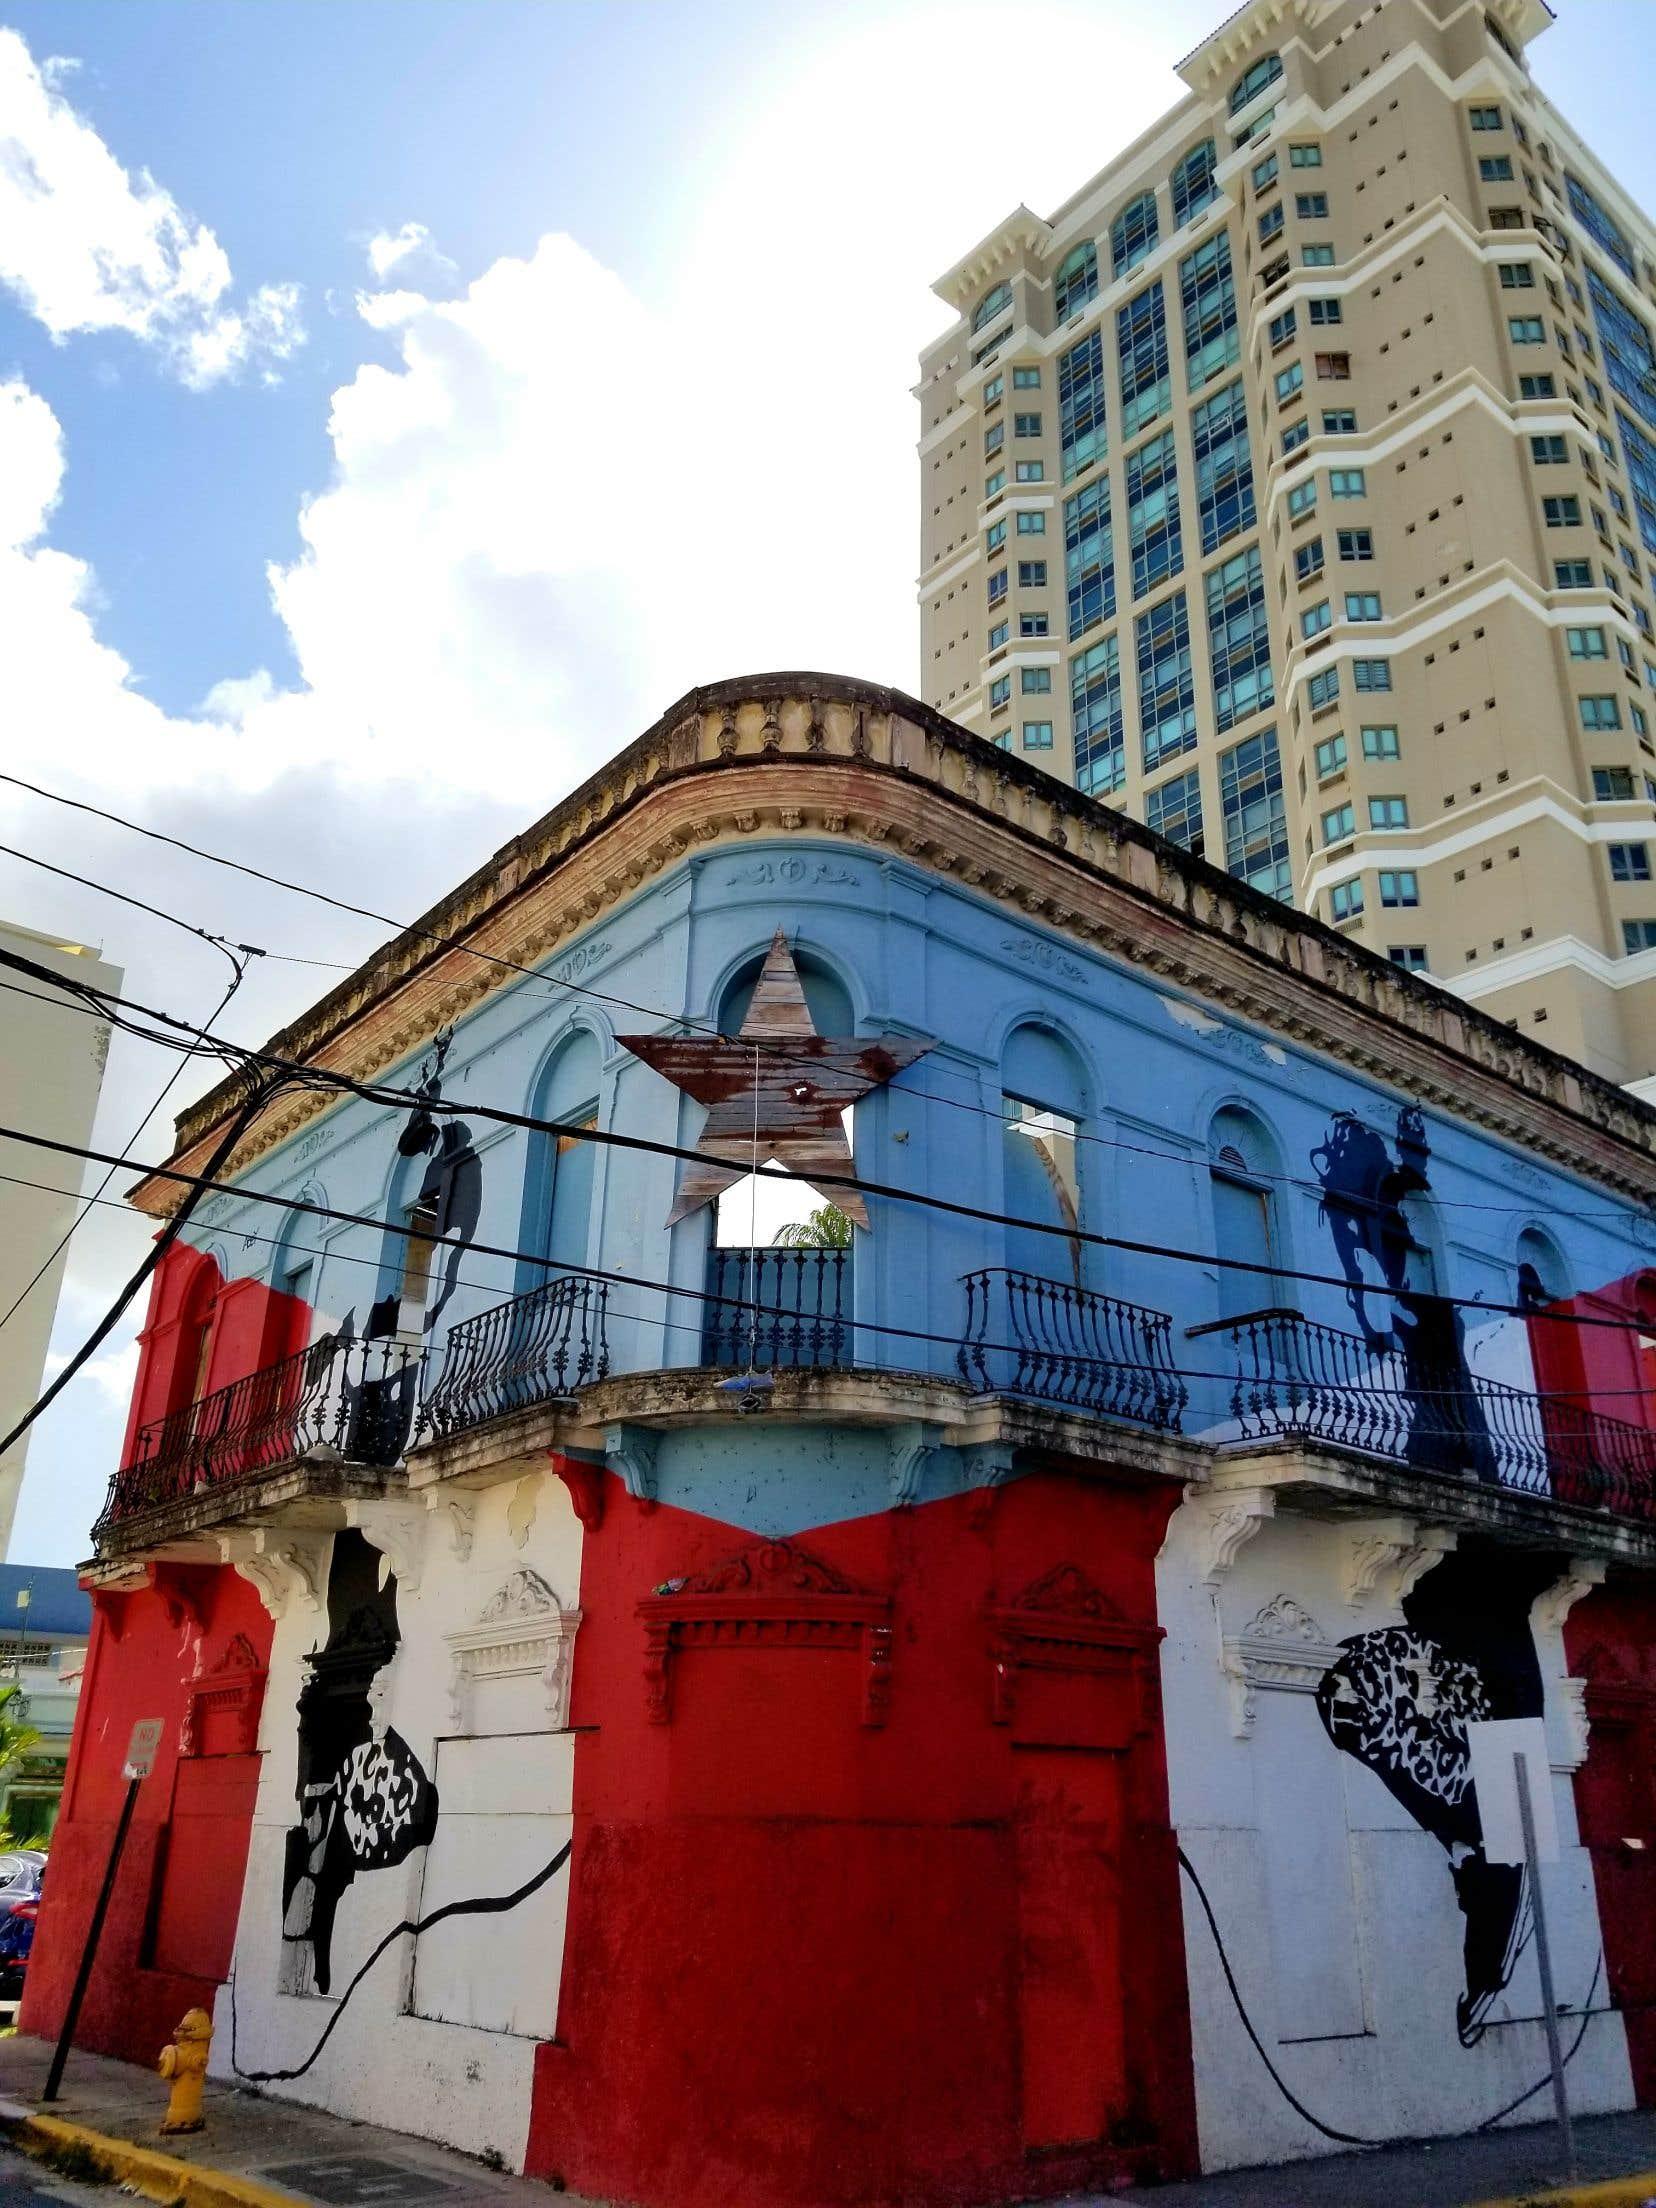 L'art urbain est partout à San Juan et a très souvent une portée politique.